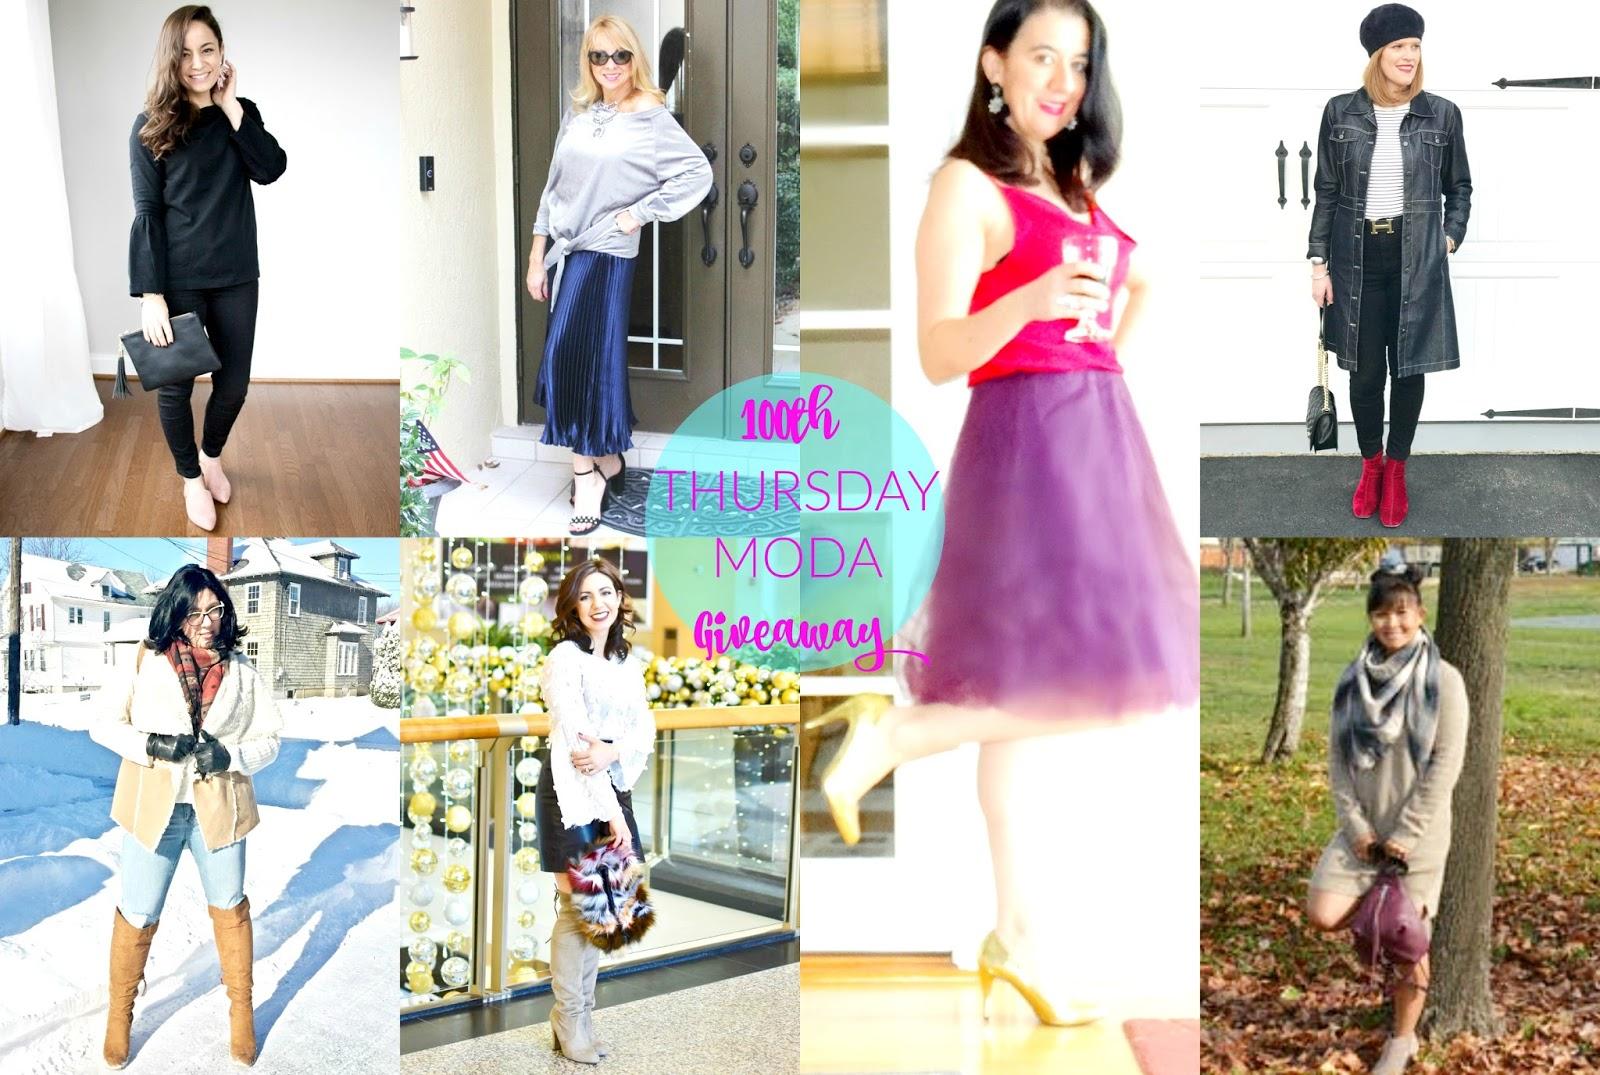 100th Thursday Moda Link up Celebration